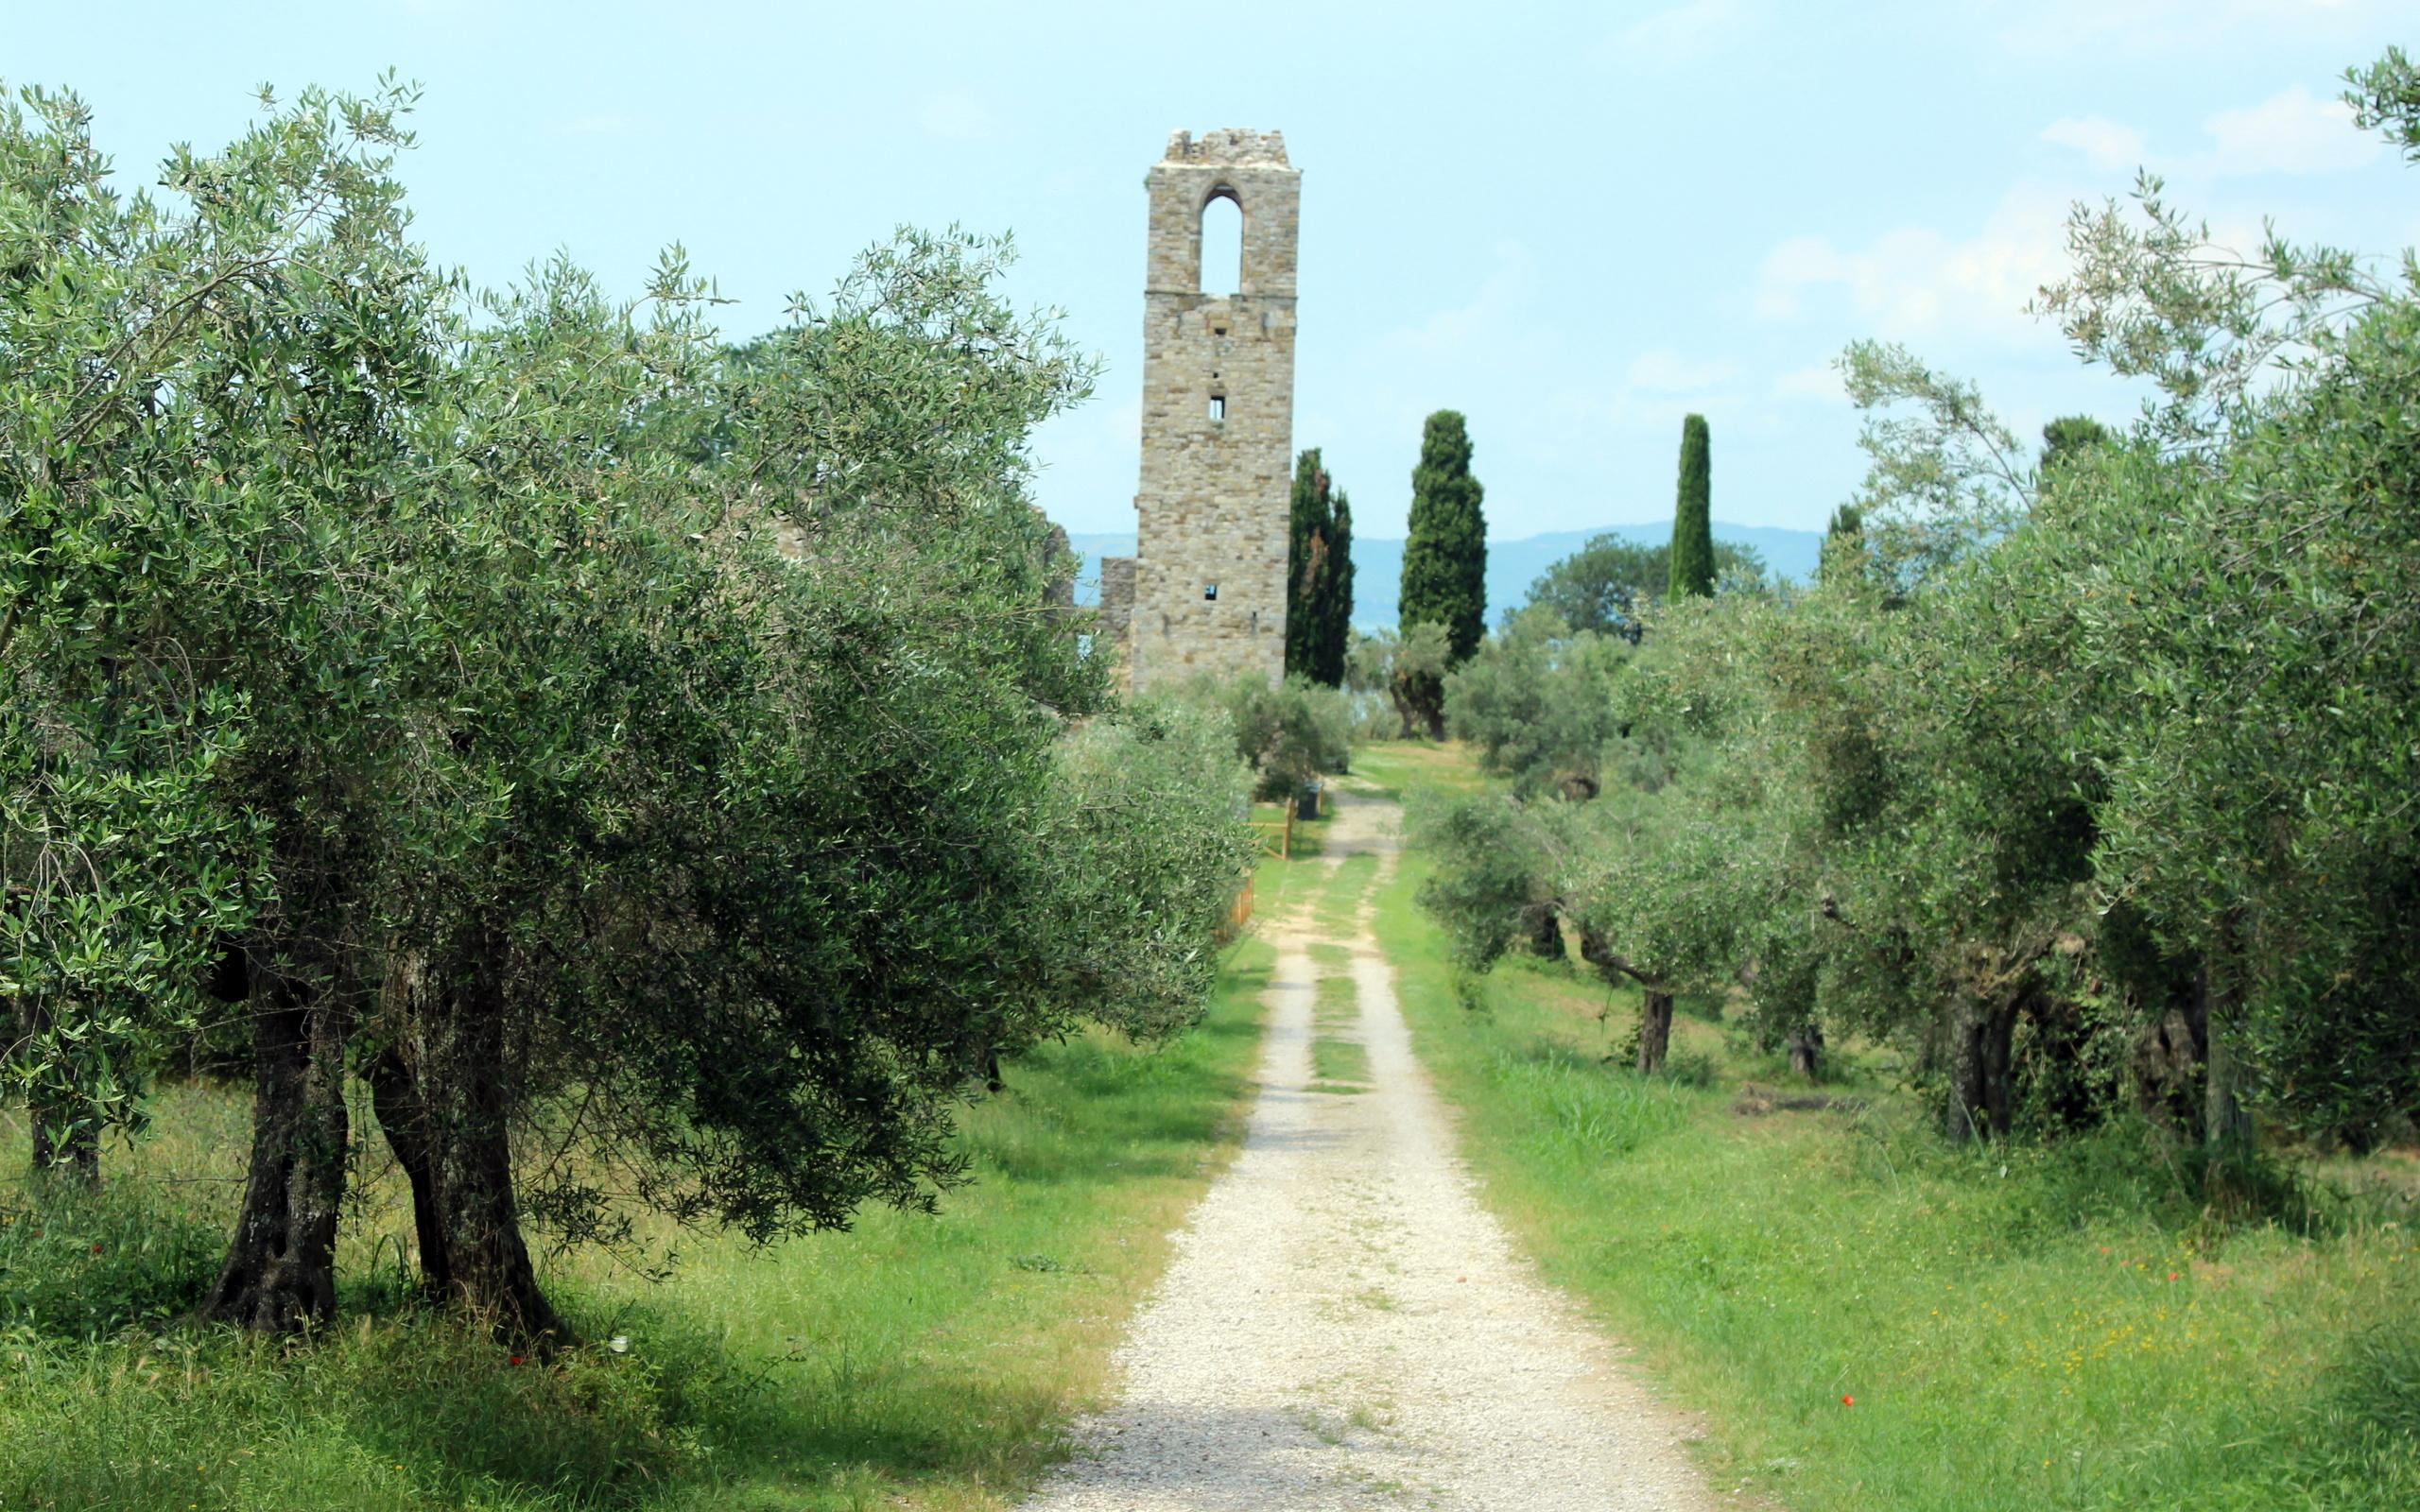 дорога, деревья, башня, пейзаж, италия